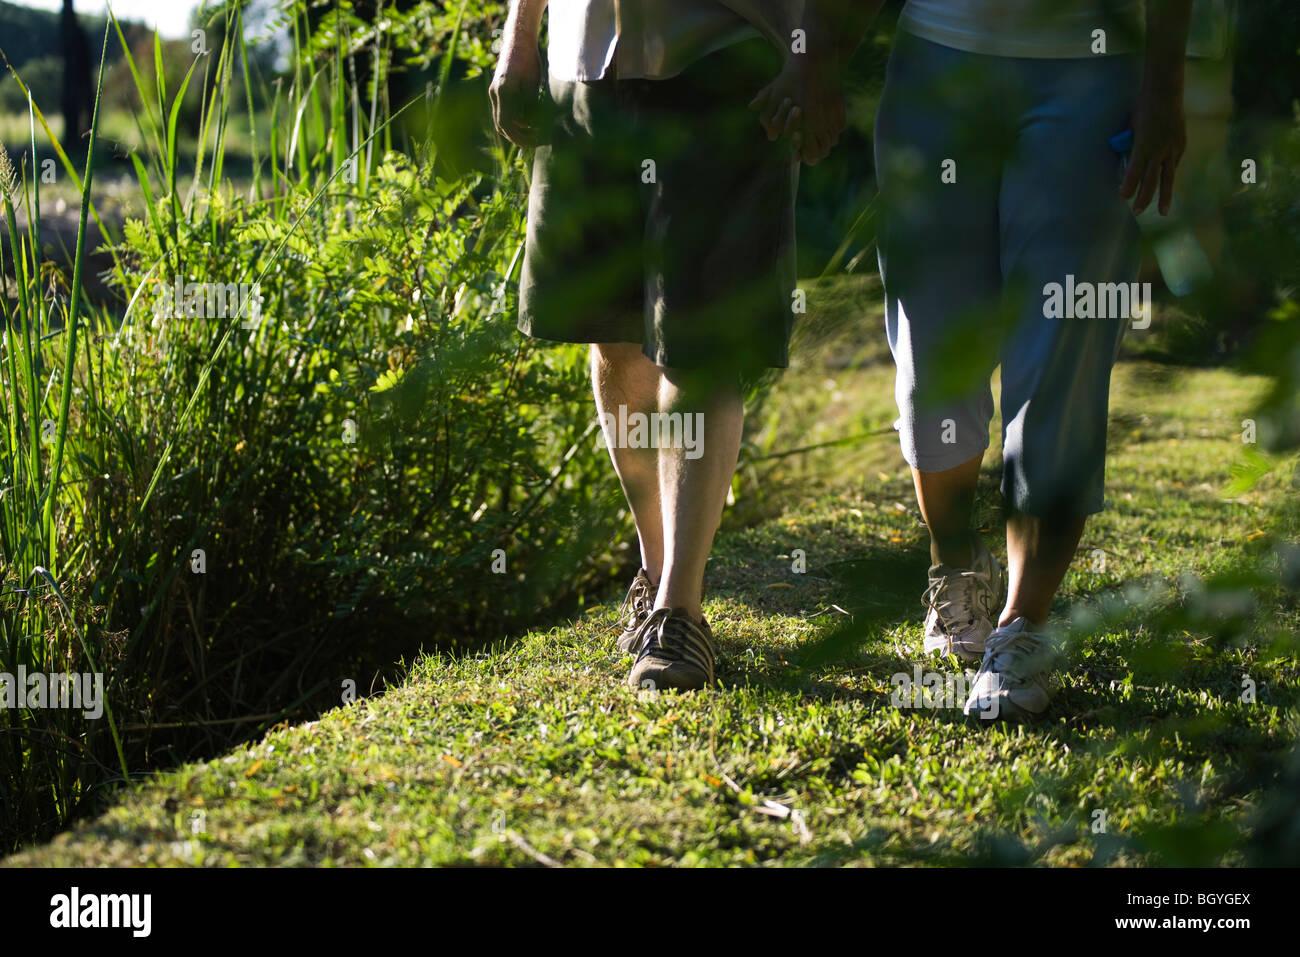 Paar Hand in Hand zusammen Spaziergang genießen, beschnitten Stockbild